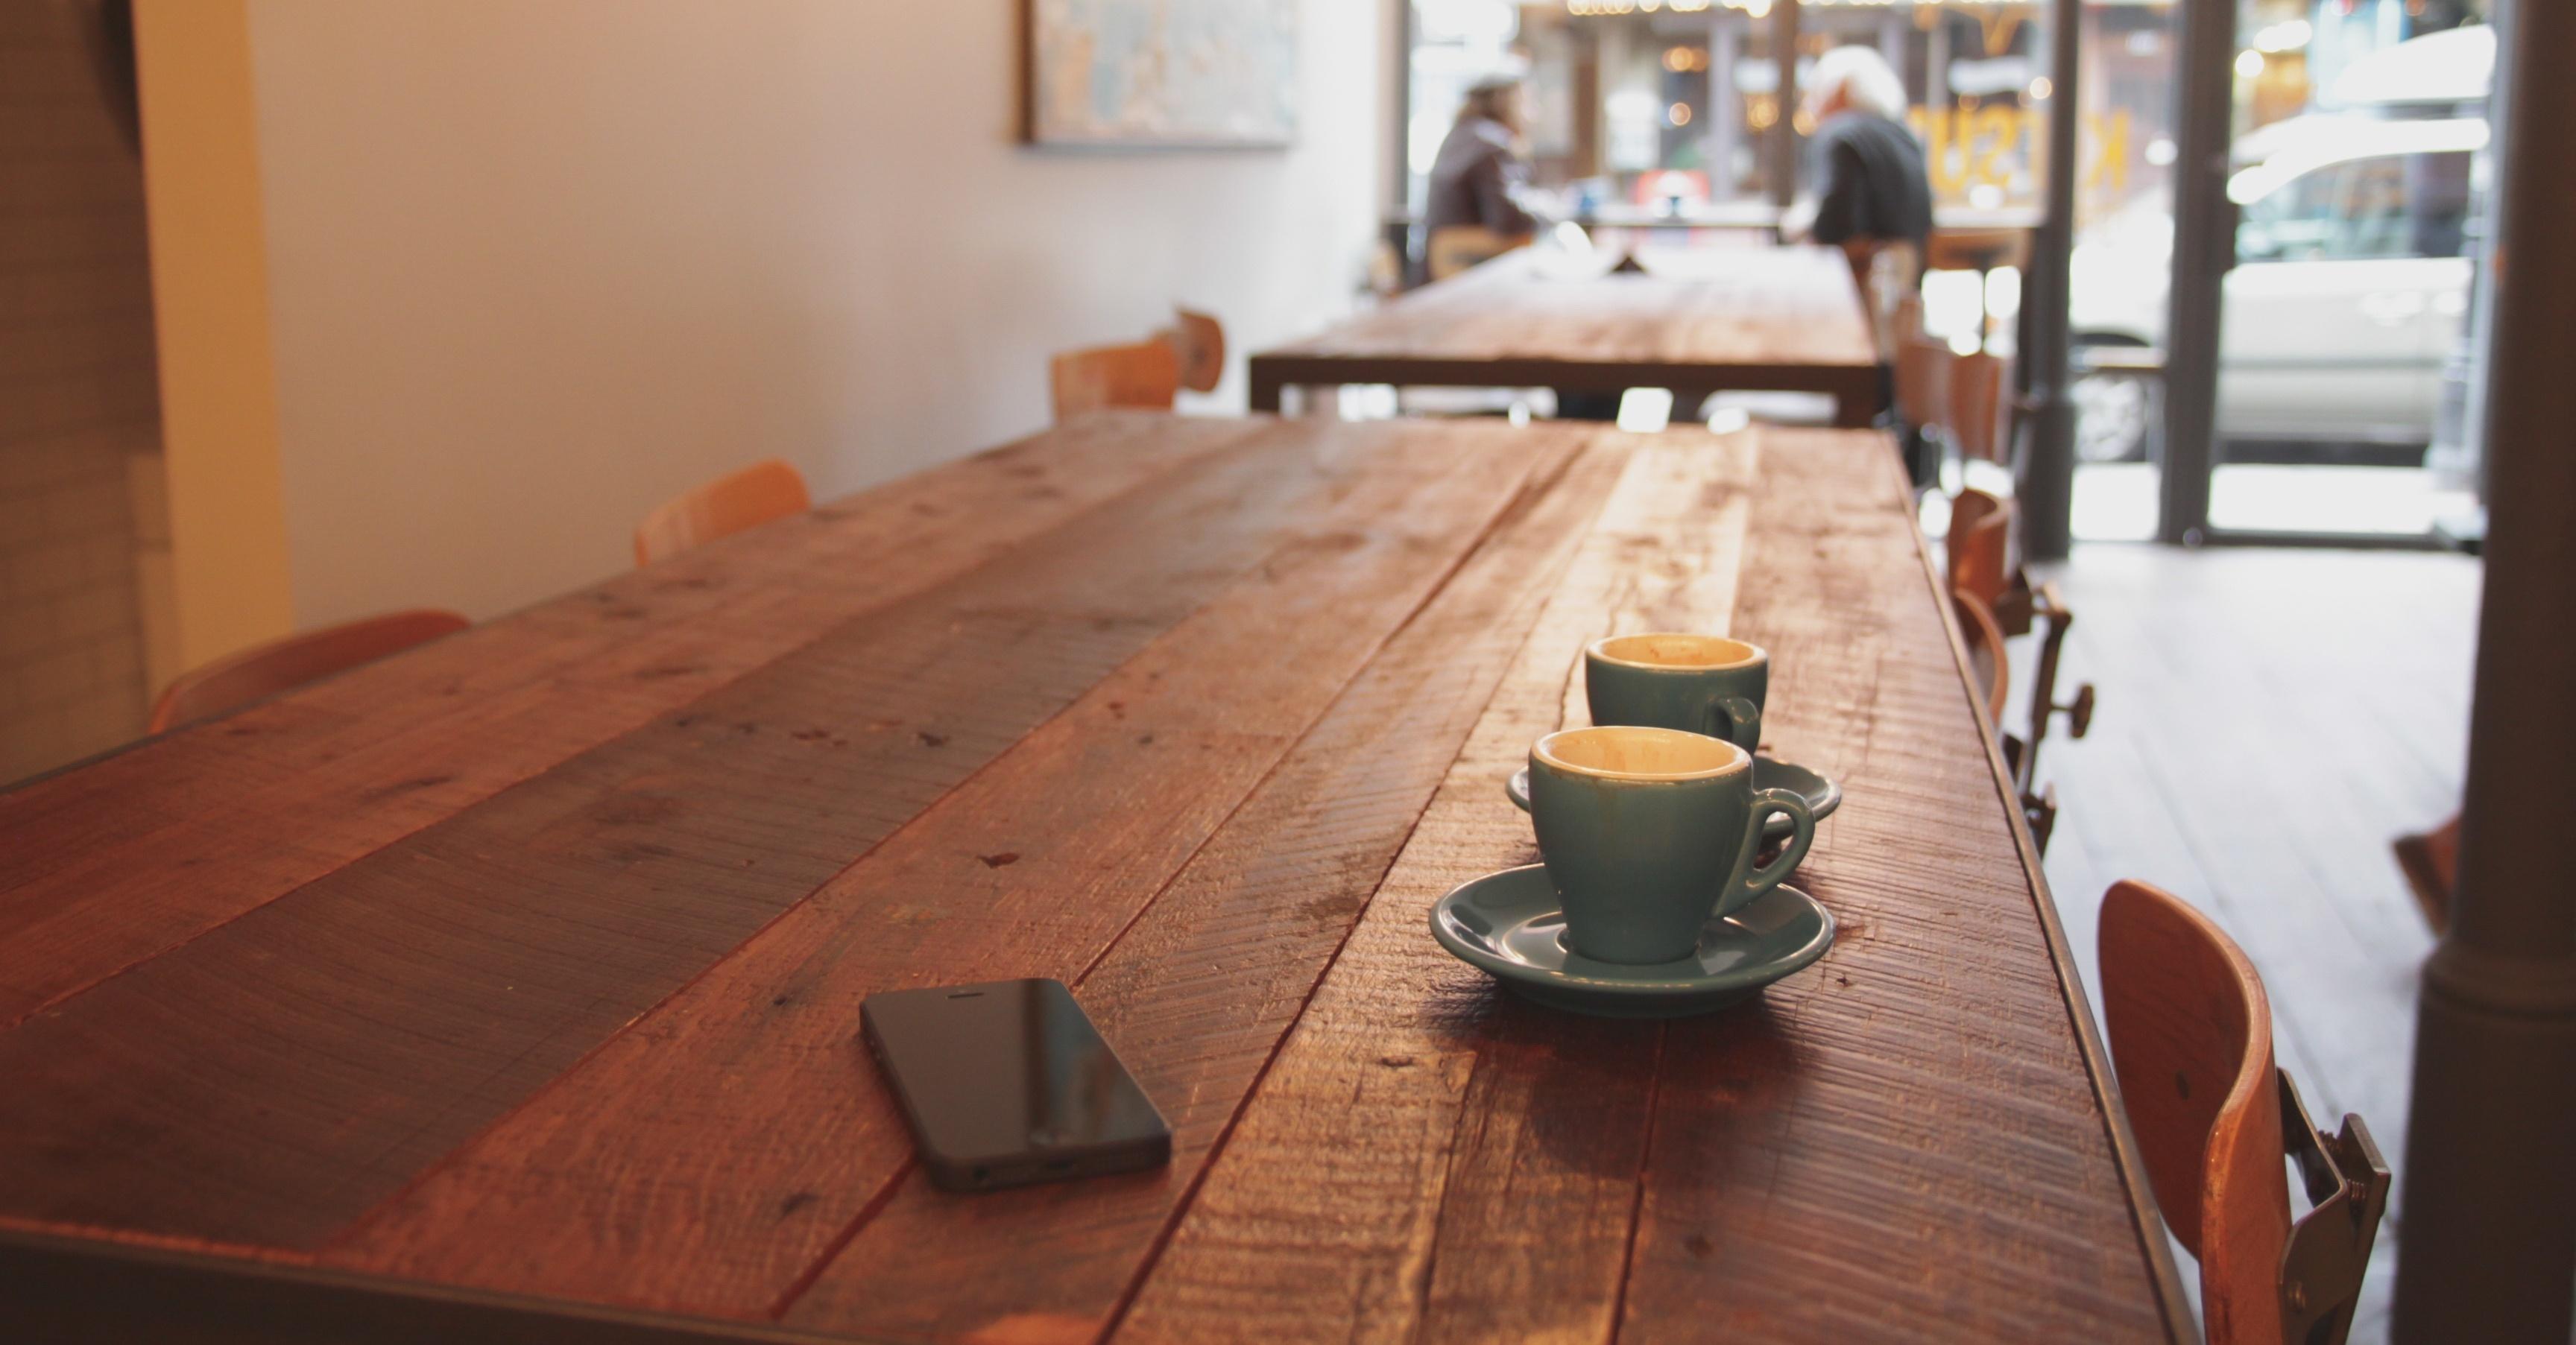 cafe management